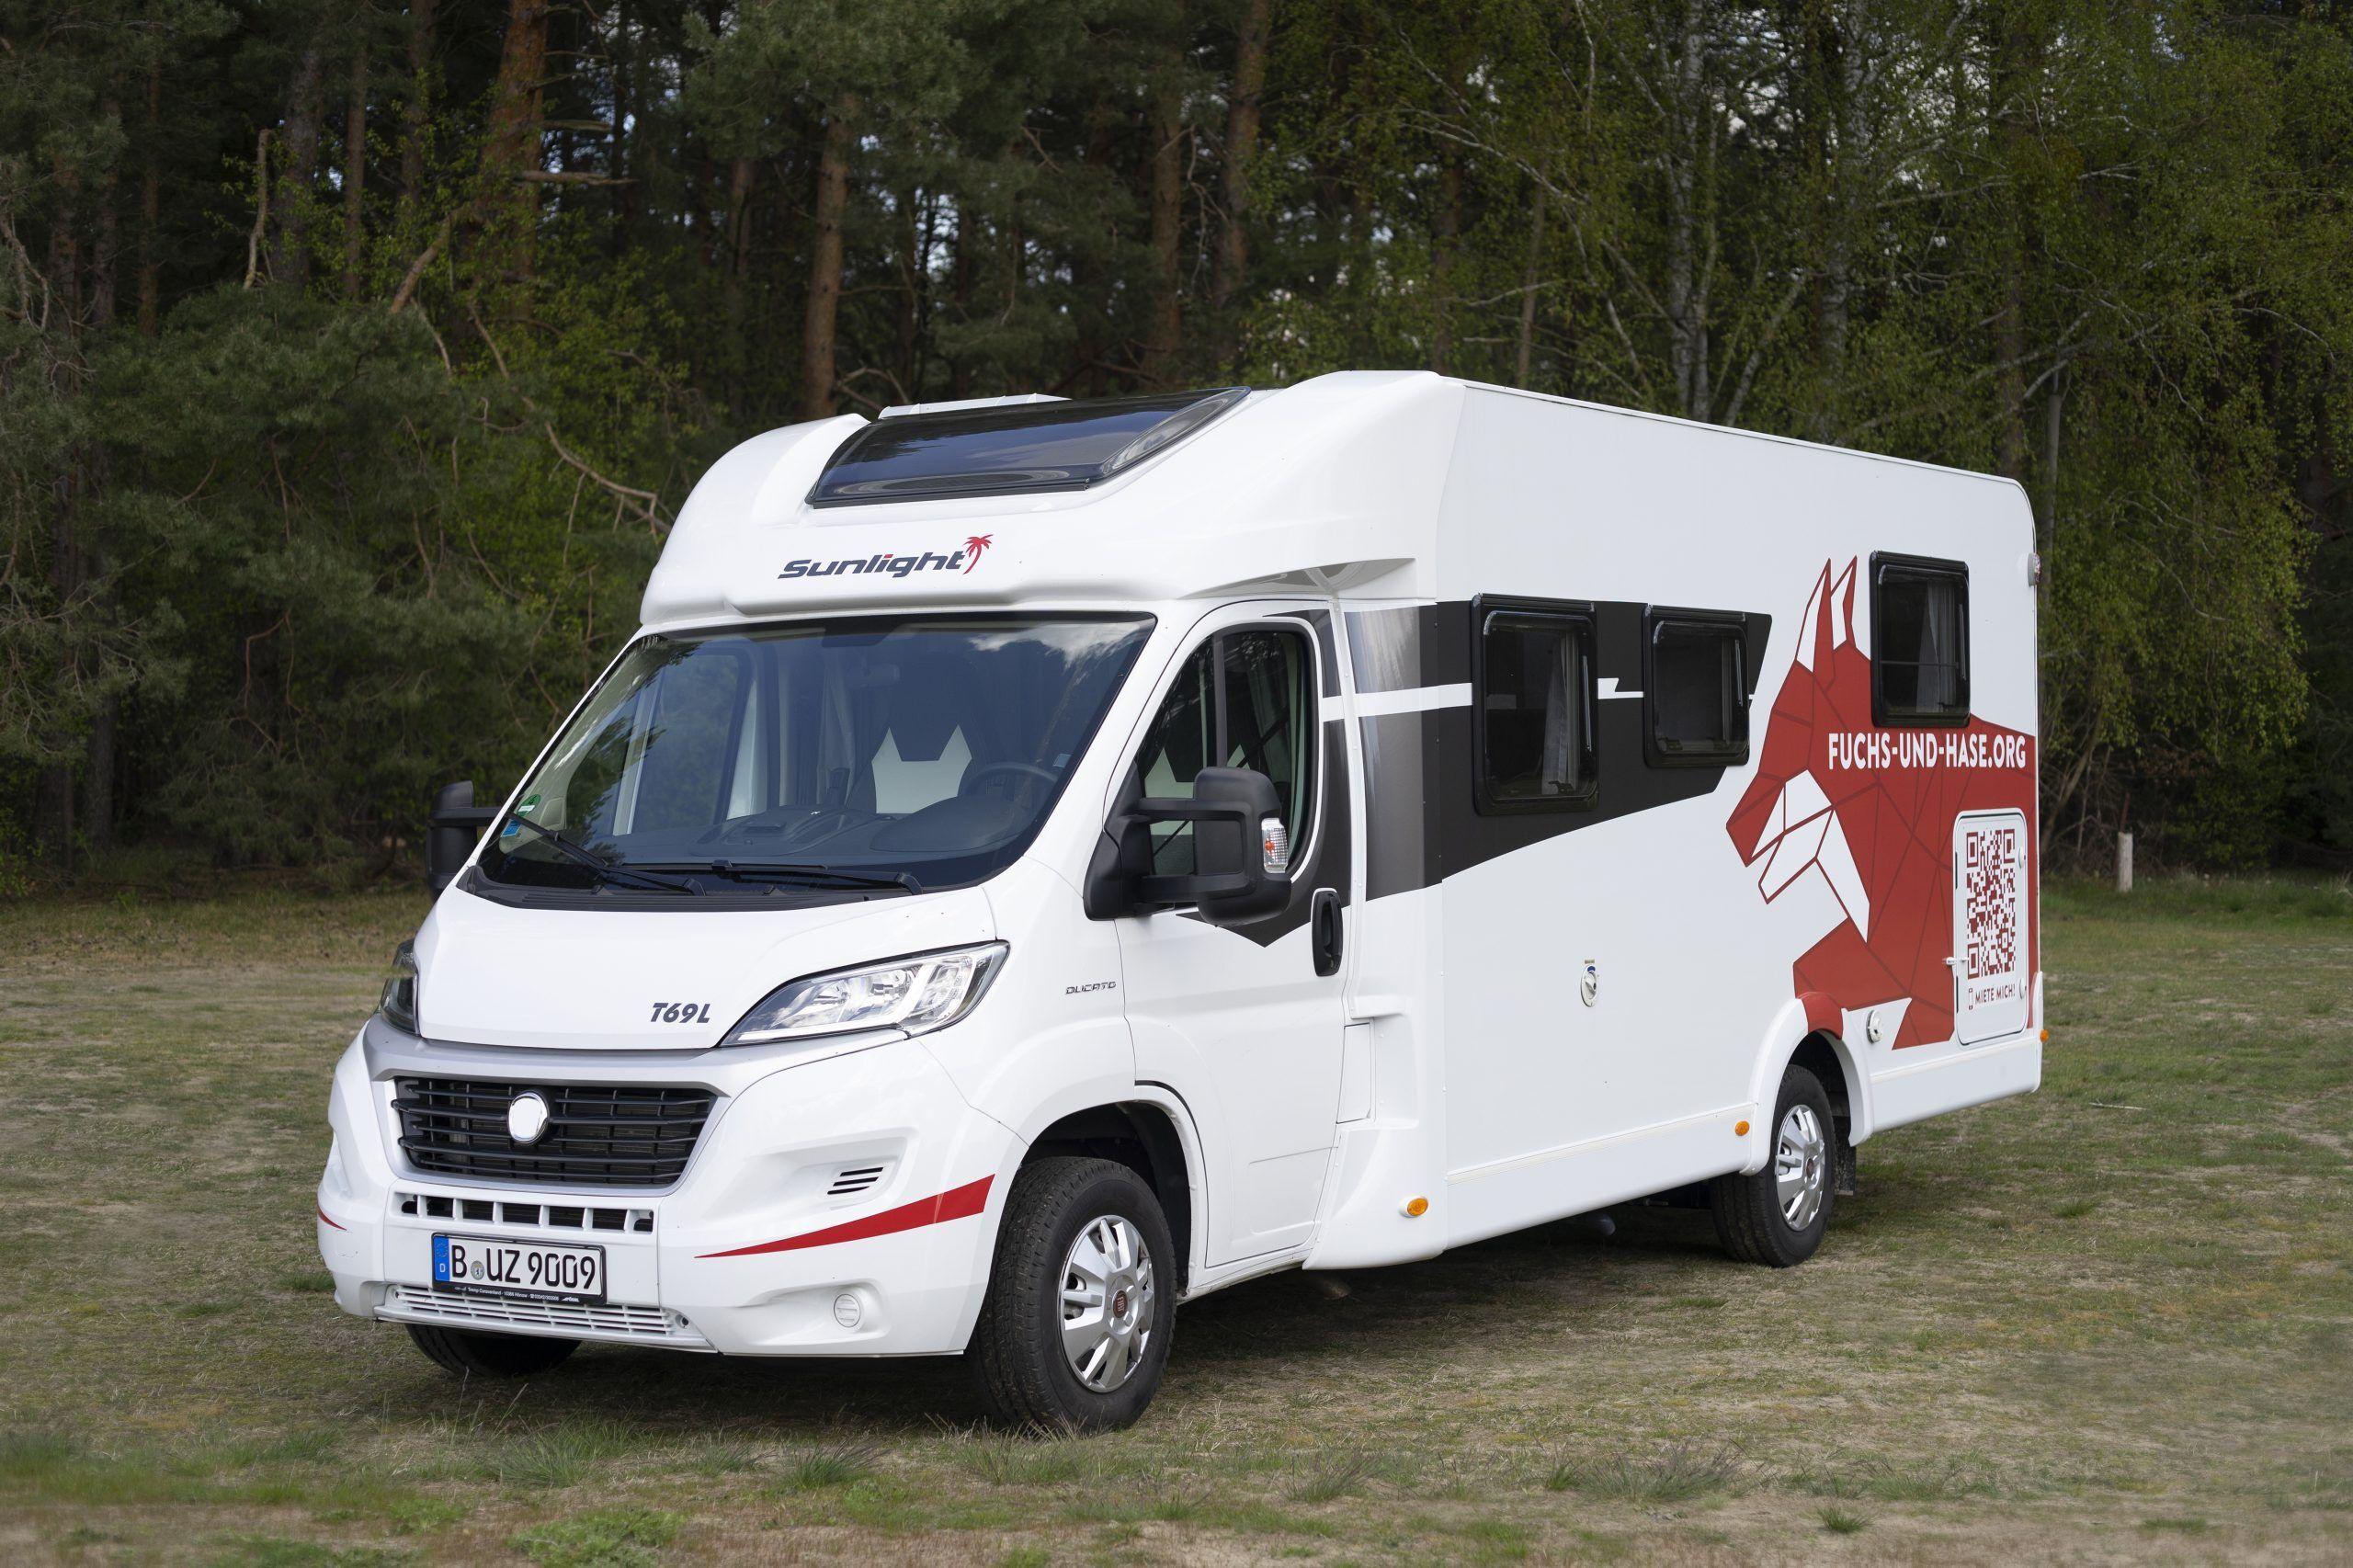 Kapfuchs Wohnmobil T69L von Sunlight